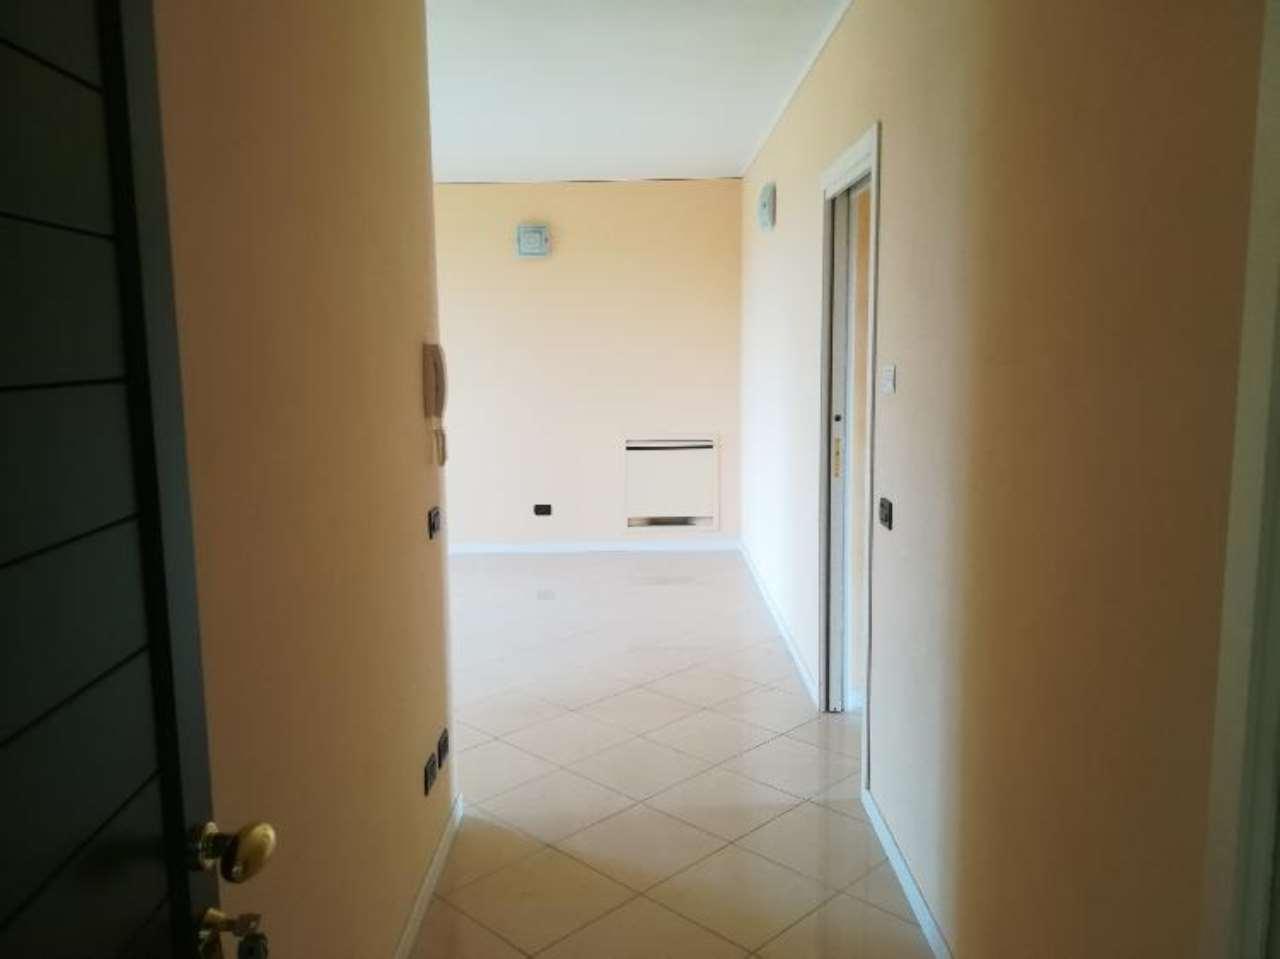 Appartamento in vendita a Sospiro, 3 locali, prezzo € 130.000 | CambioCasa.it